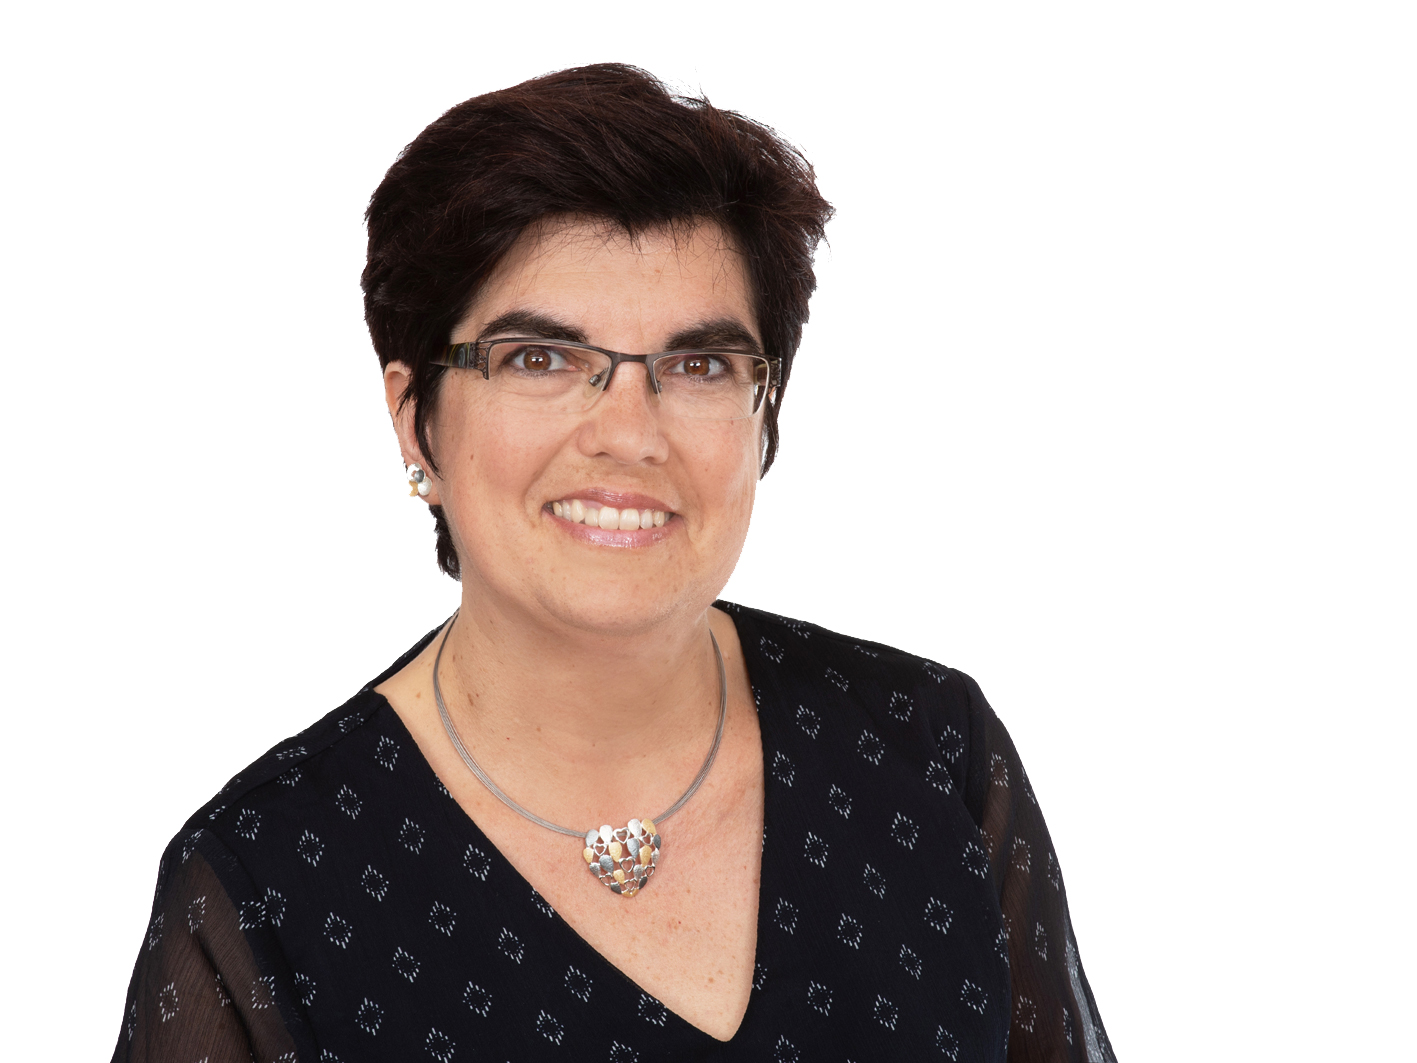 Maria Zaps